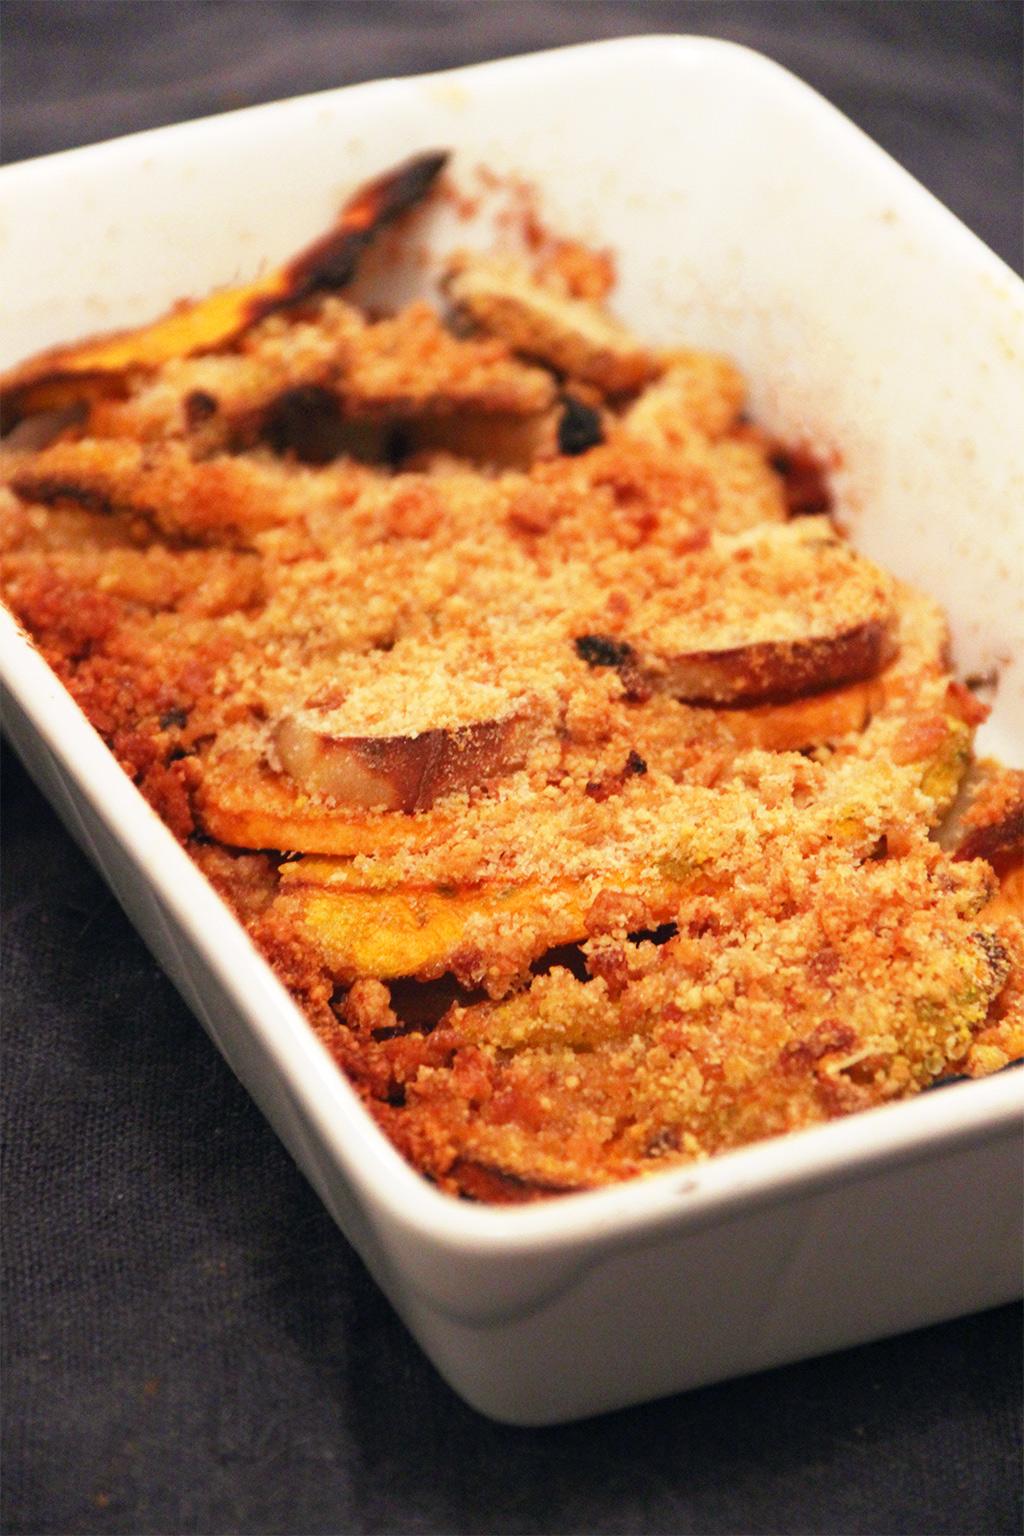 Recette Facile Du Tian Provencal tian de potimarron et patates douces au parmesan